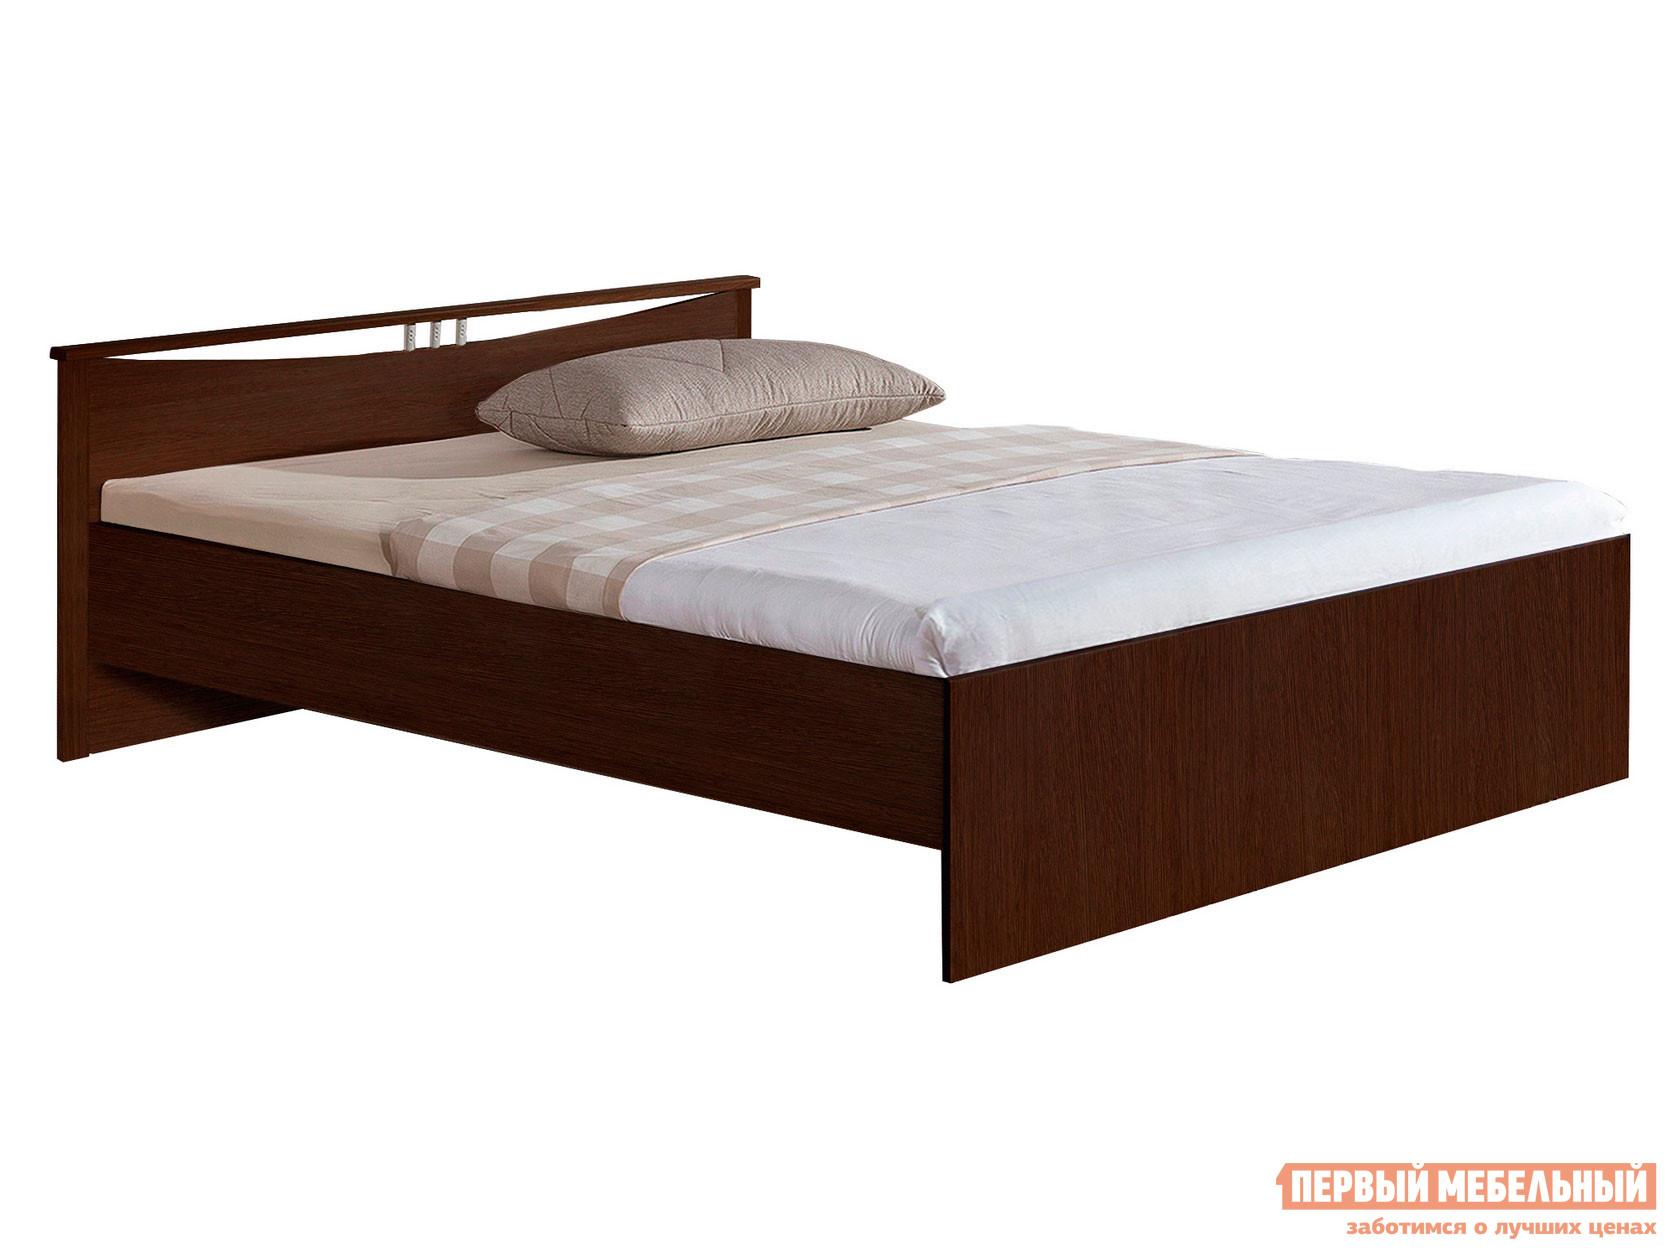 Двуспальная кровать Боровичи Кровать Мелисса